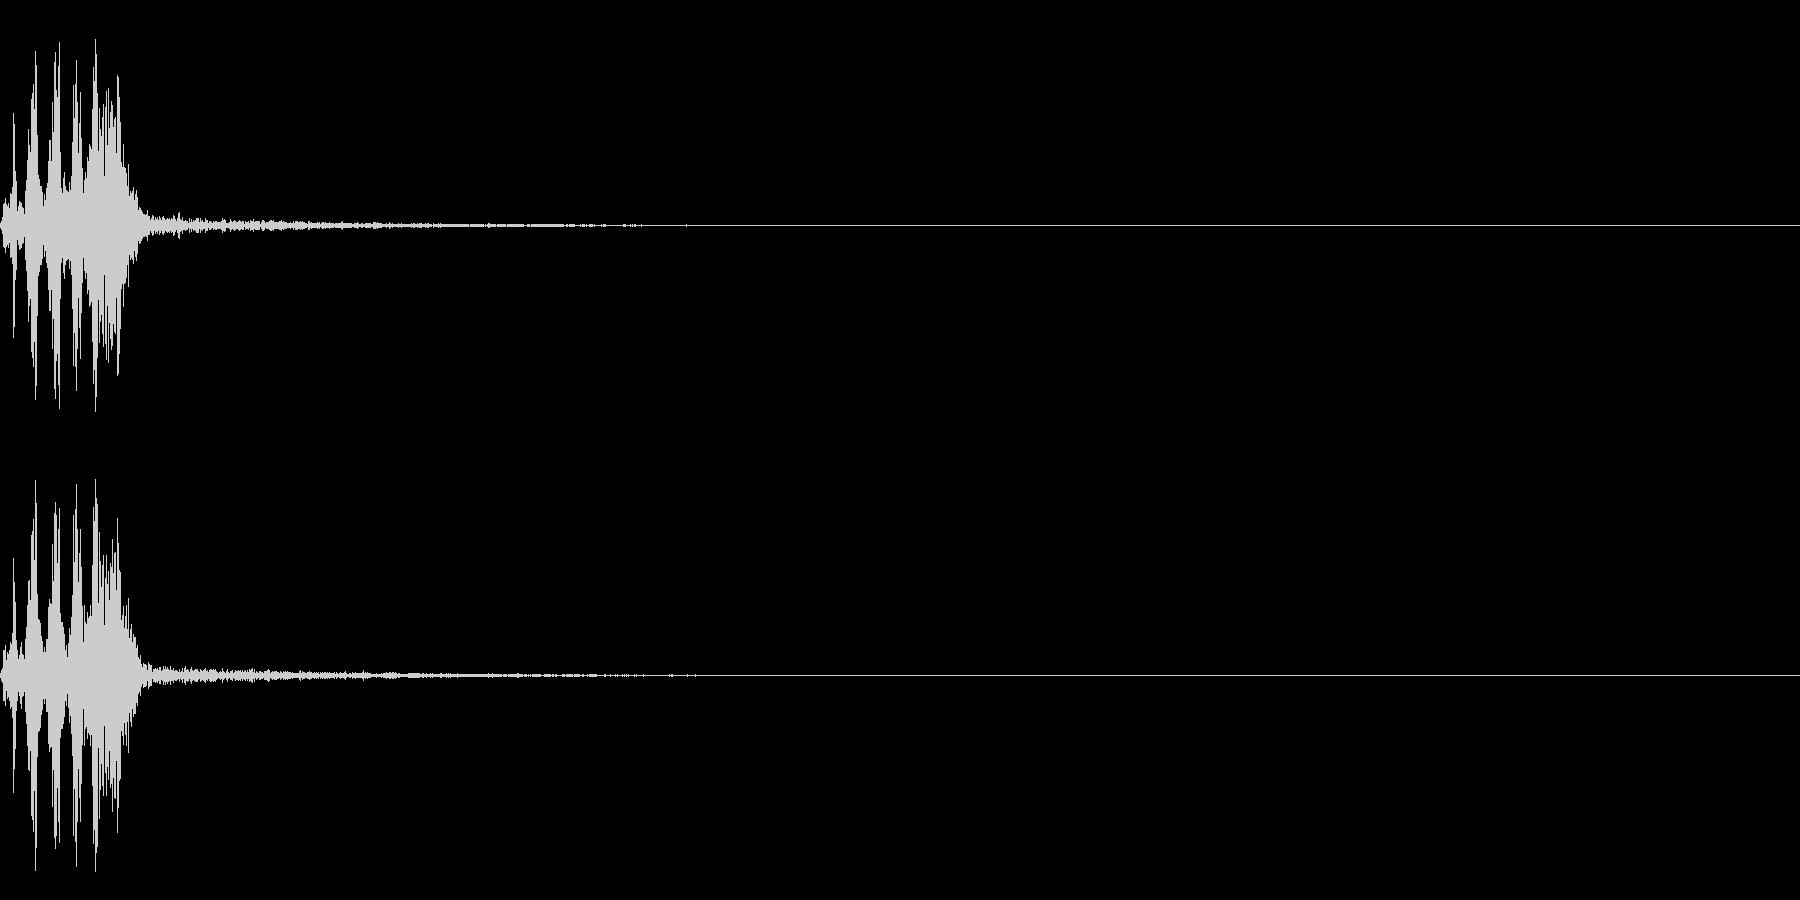 【生録音】フラミンゴの鳴き声 35の未再生の波形